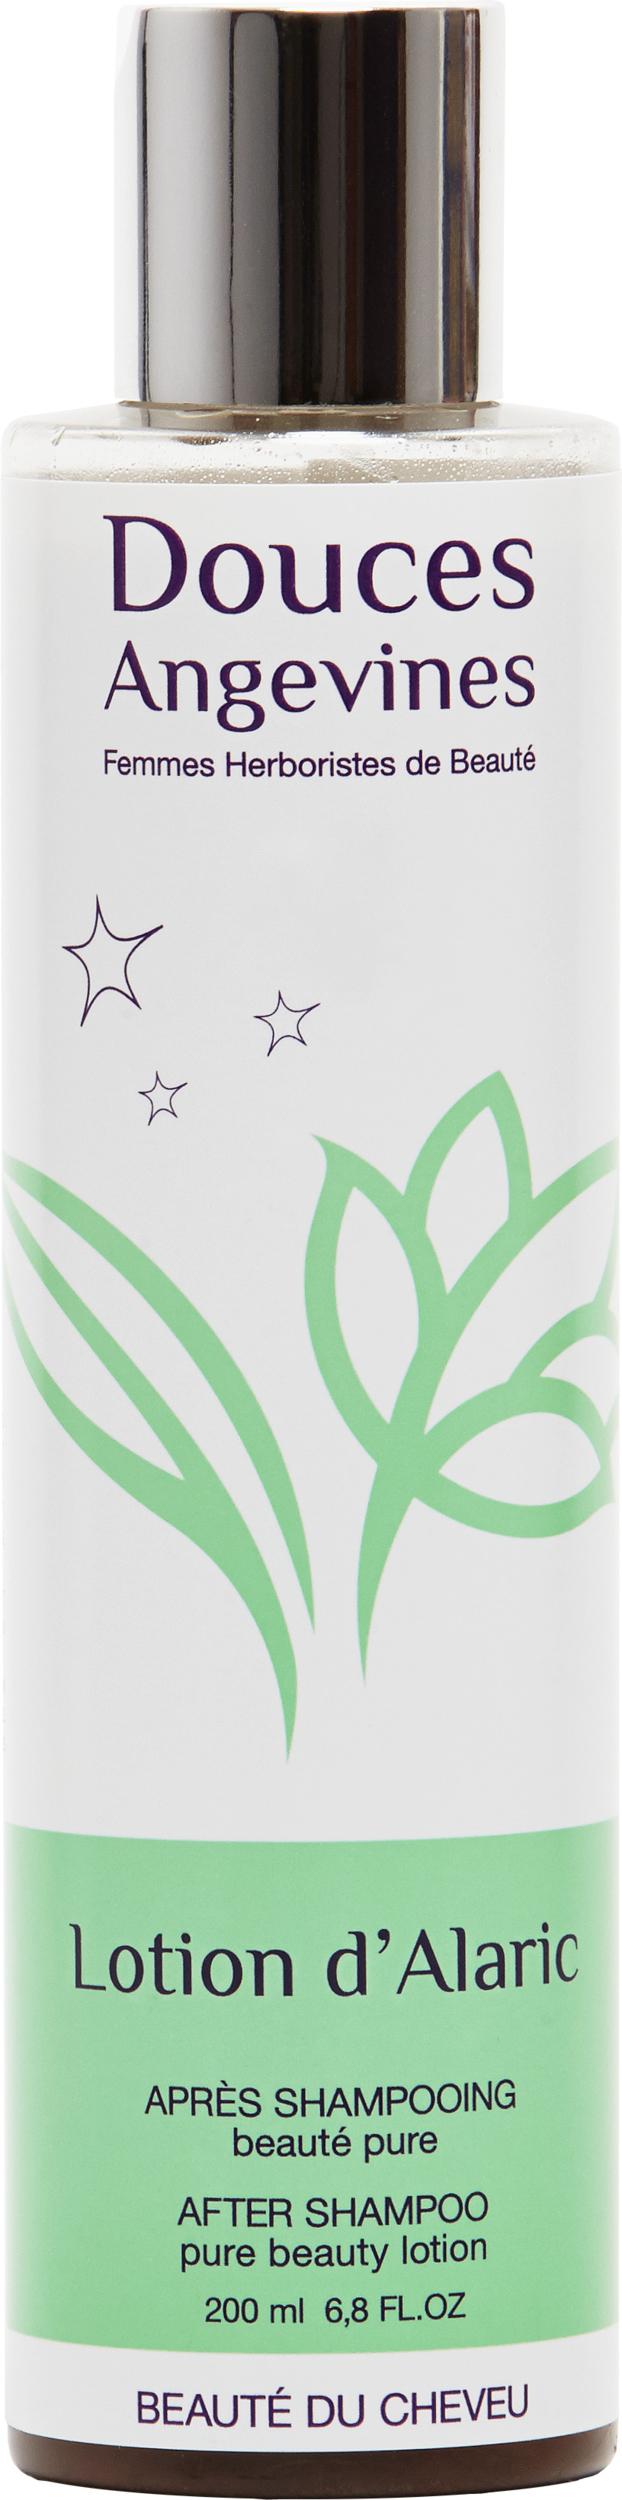 Doux Good - Douces angevines - Lotion d Alaric, après-shampoing embelliseur bio pour des cheveux éclatants